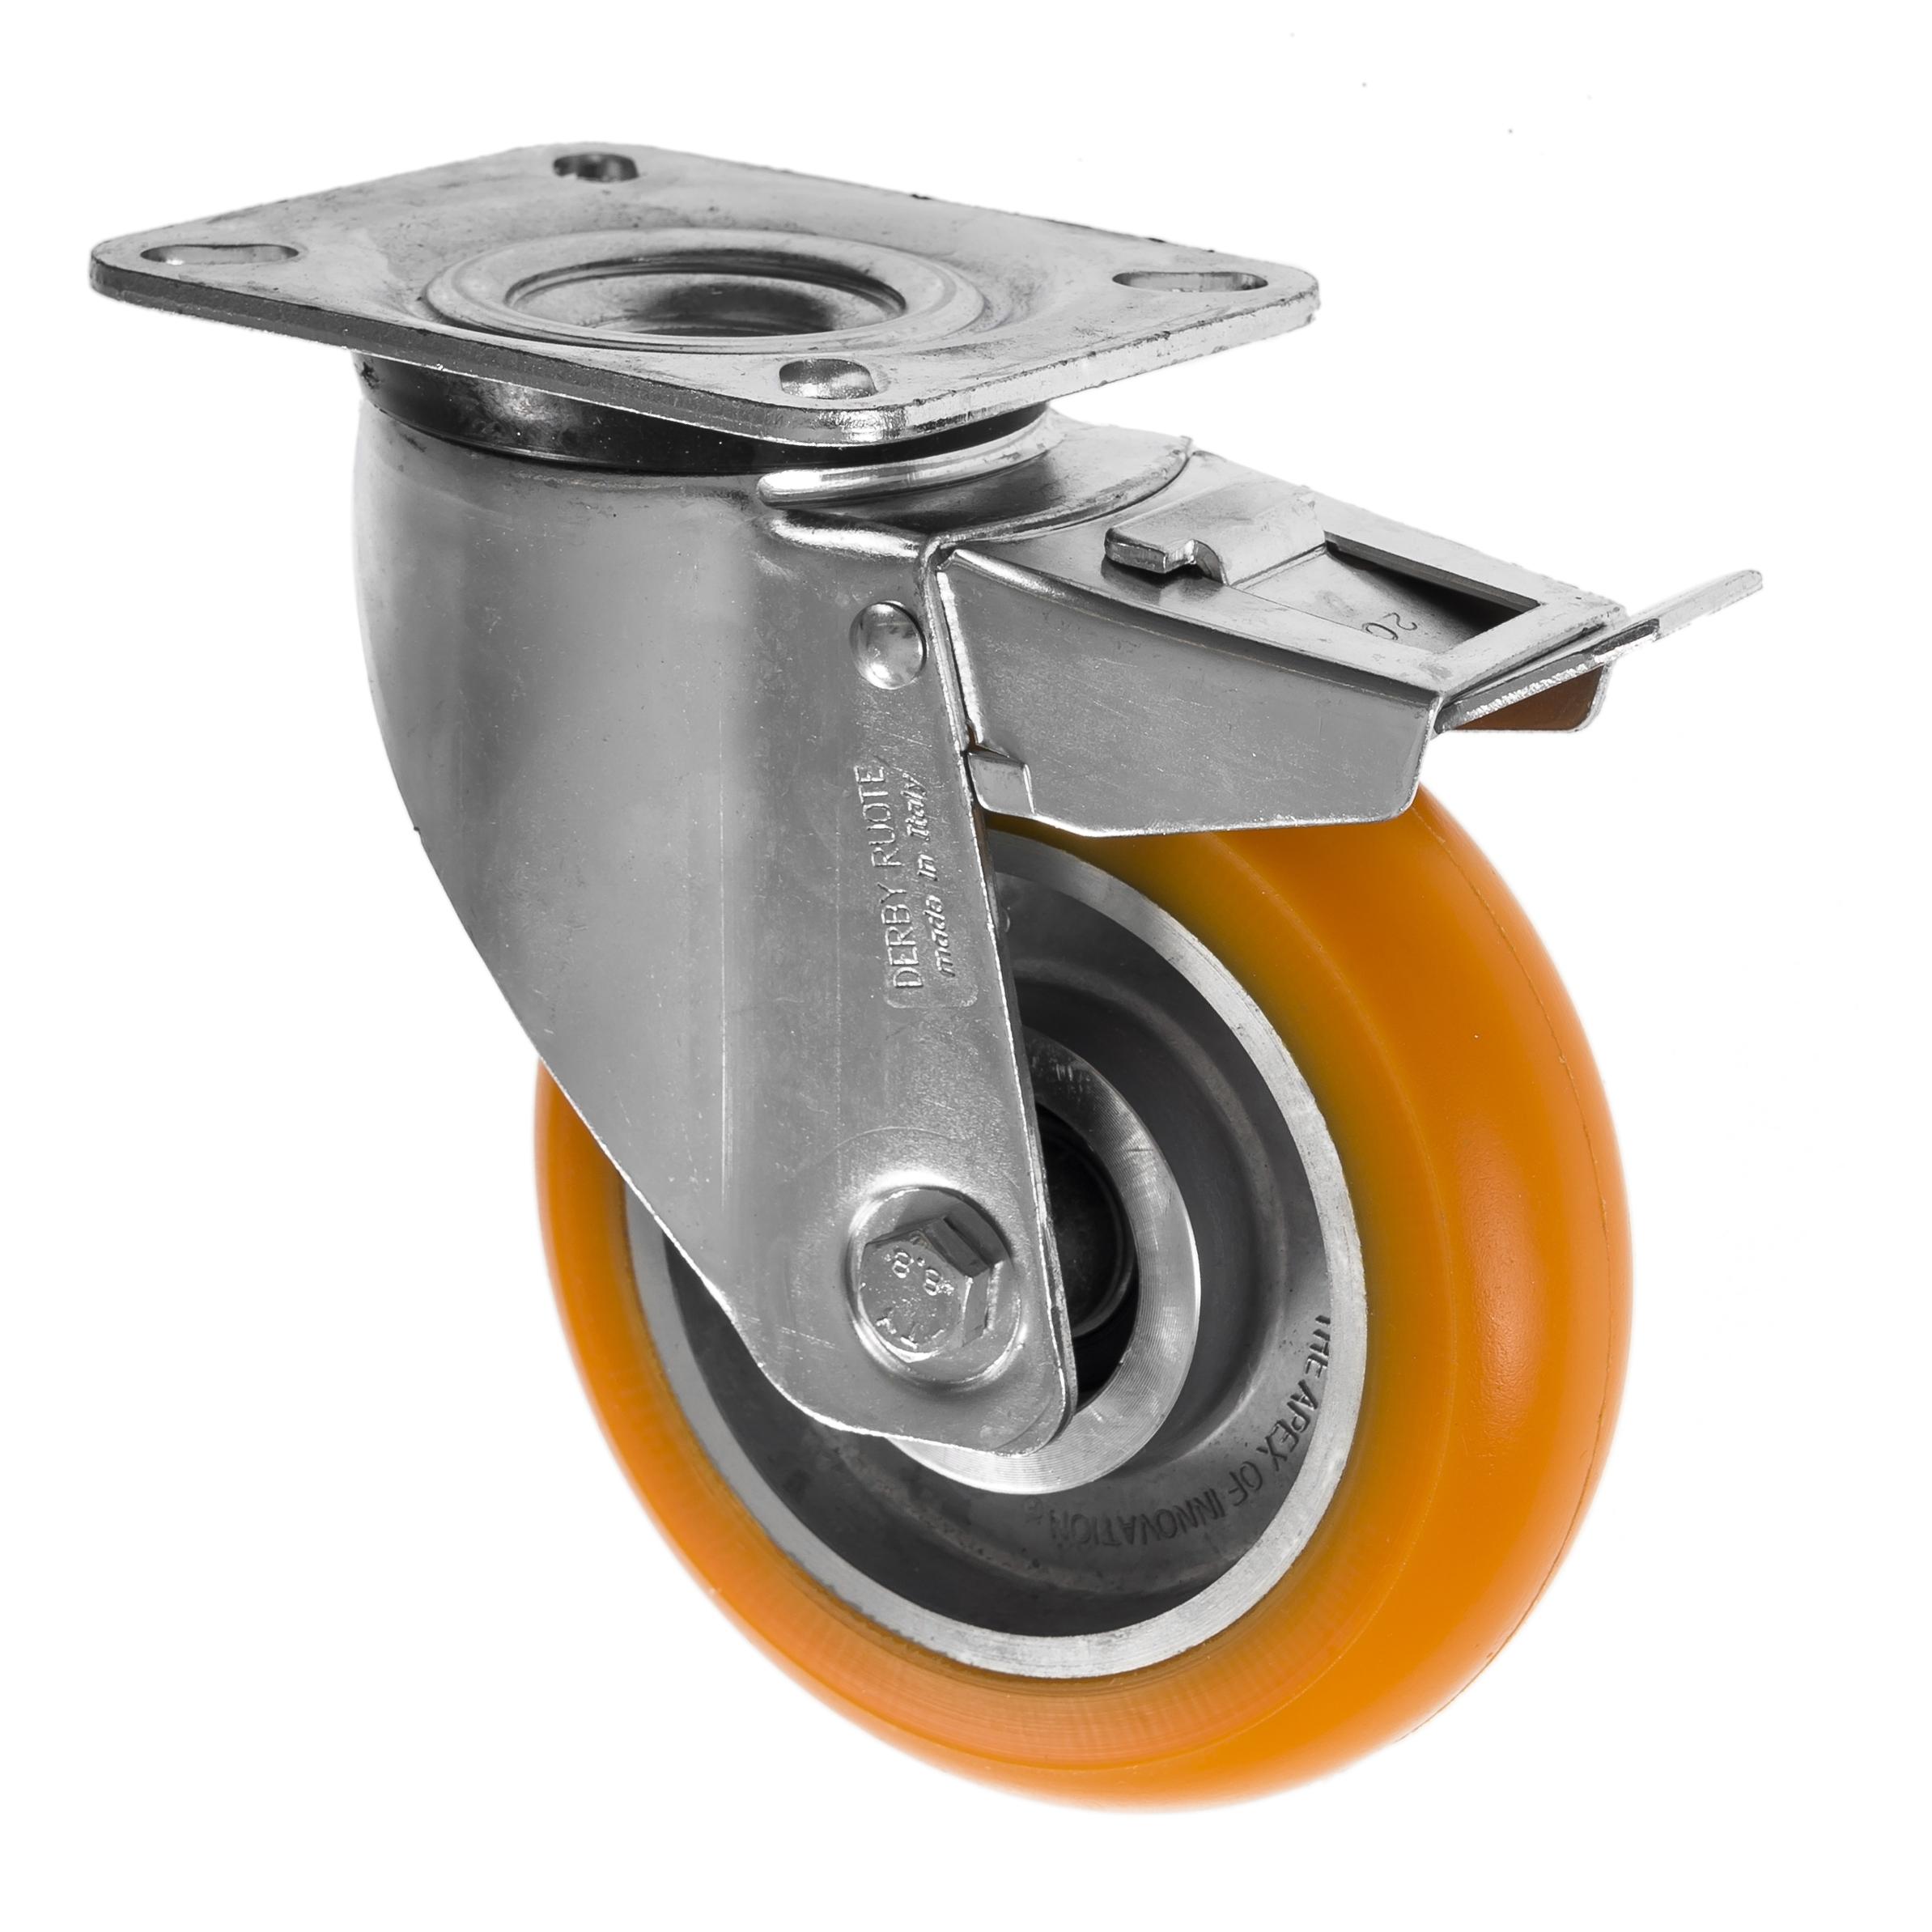 Ergonomic Apex Castor Wheel 3360 Series